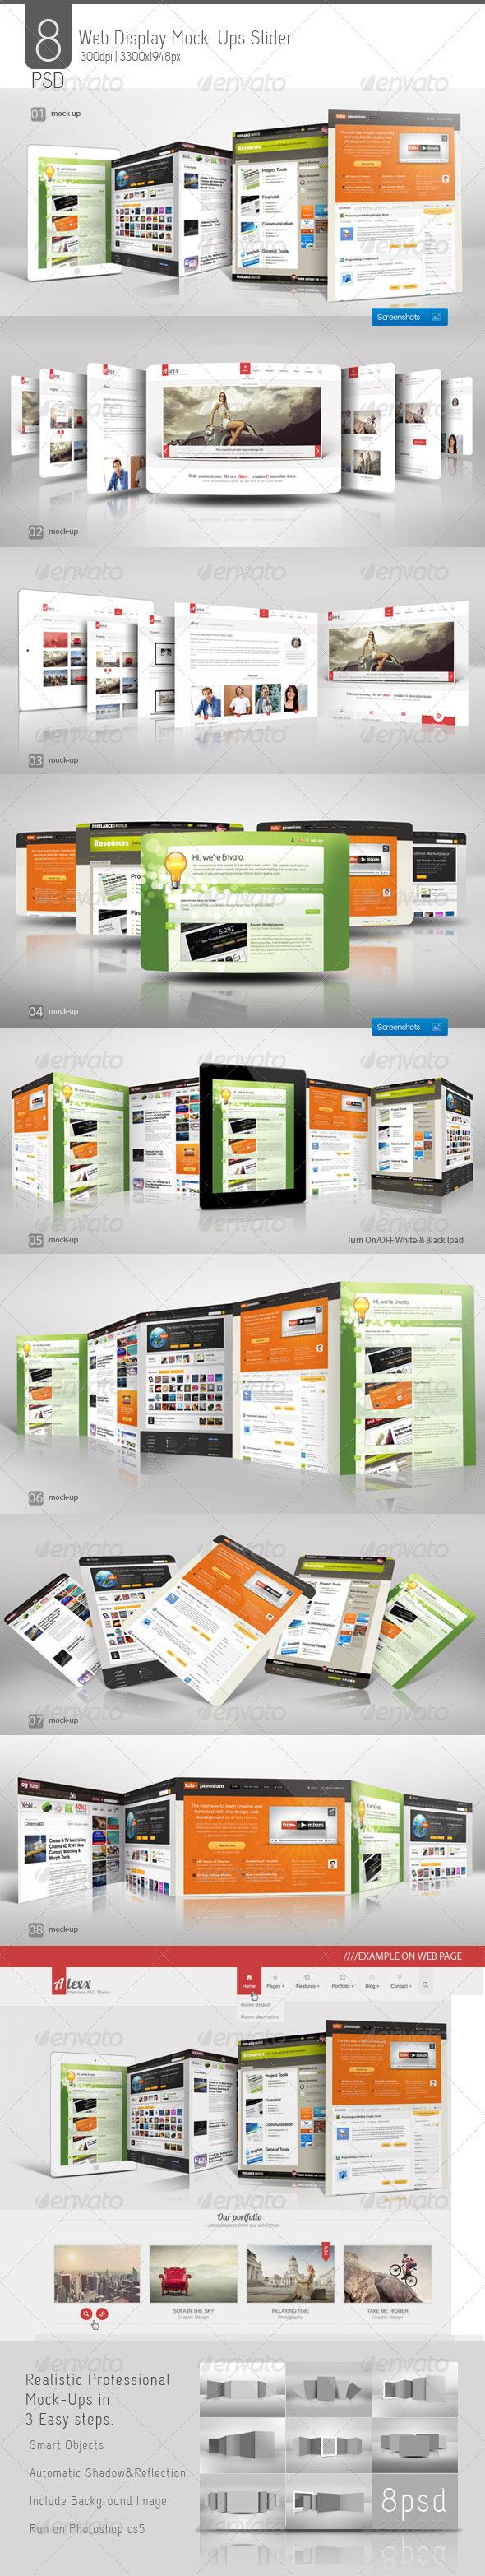 Web Display Mock-Ups Slider - Multiple Displays